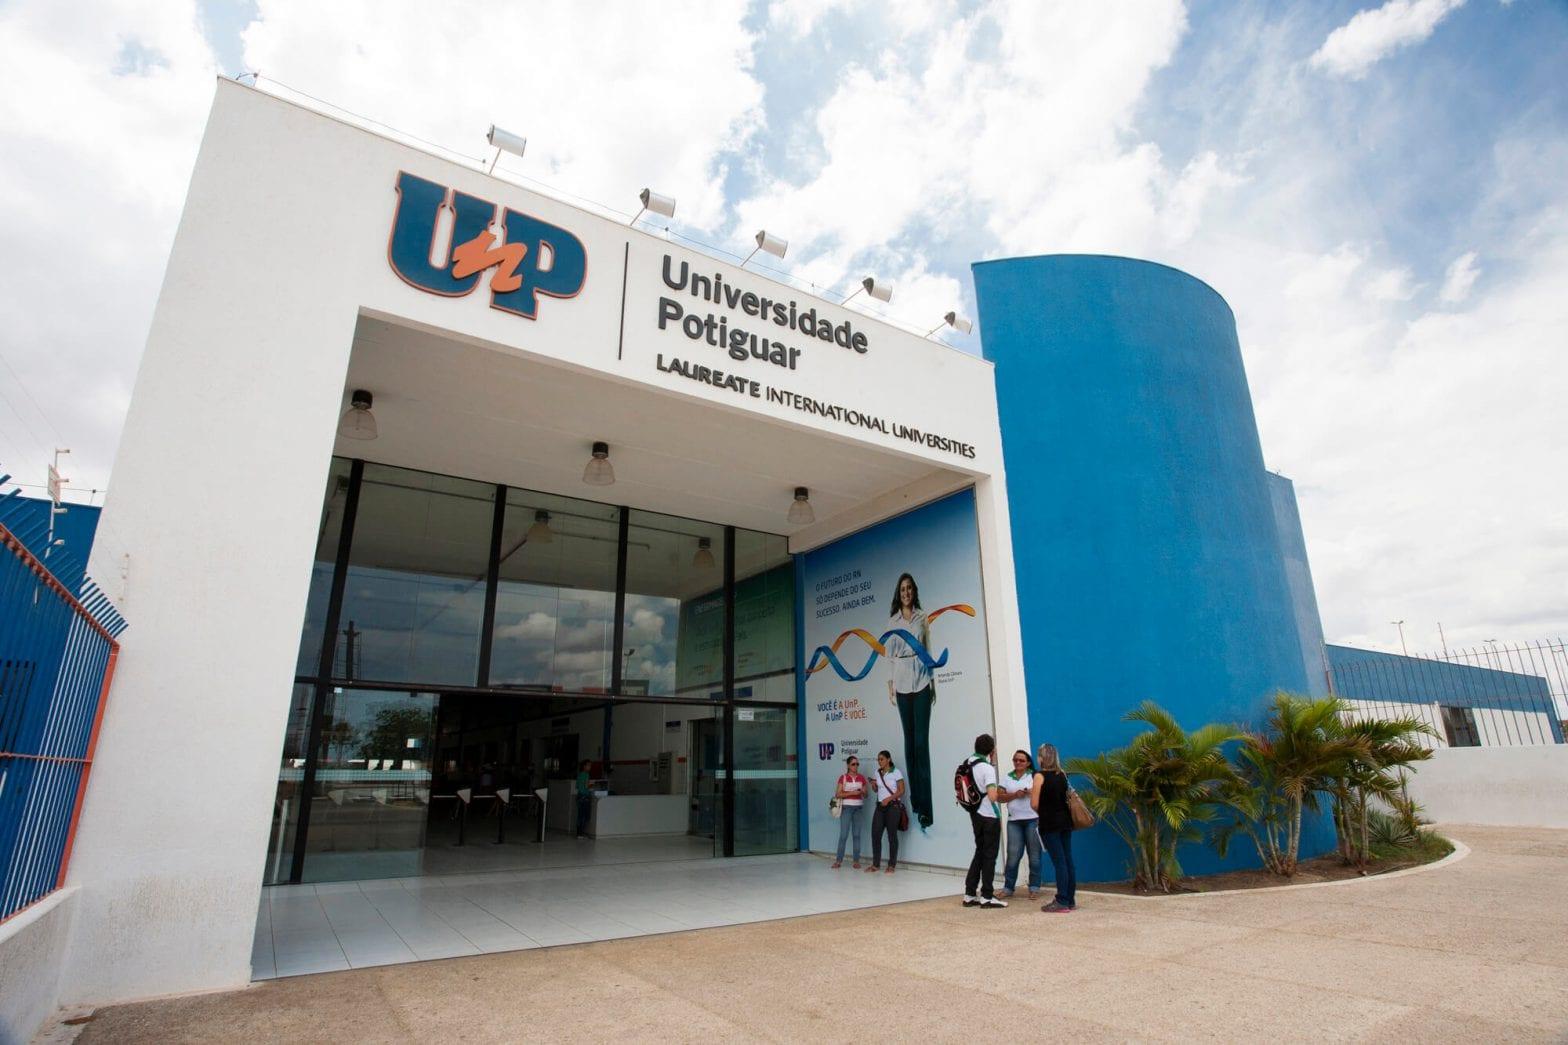 Justiça obriga UNP a reduzir mensalidades de alunos do curso de medicina em  20% durante período de aulas remotas